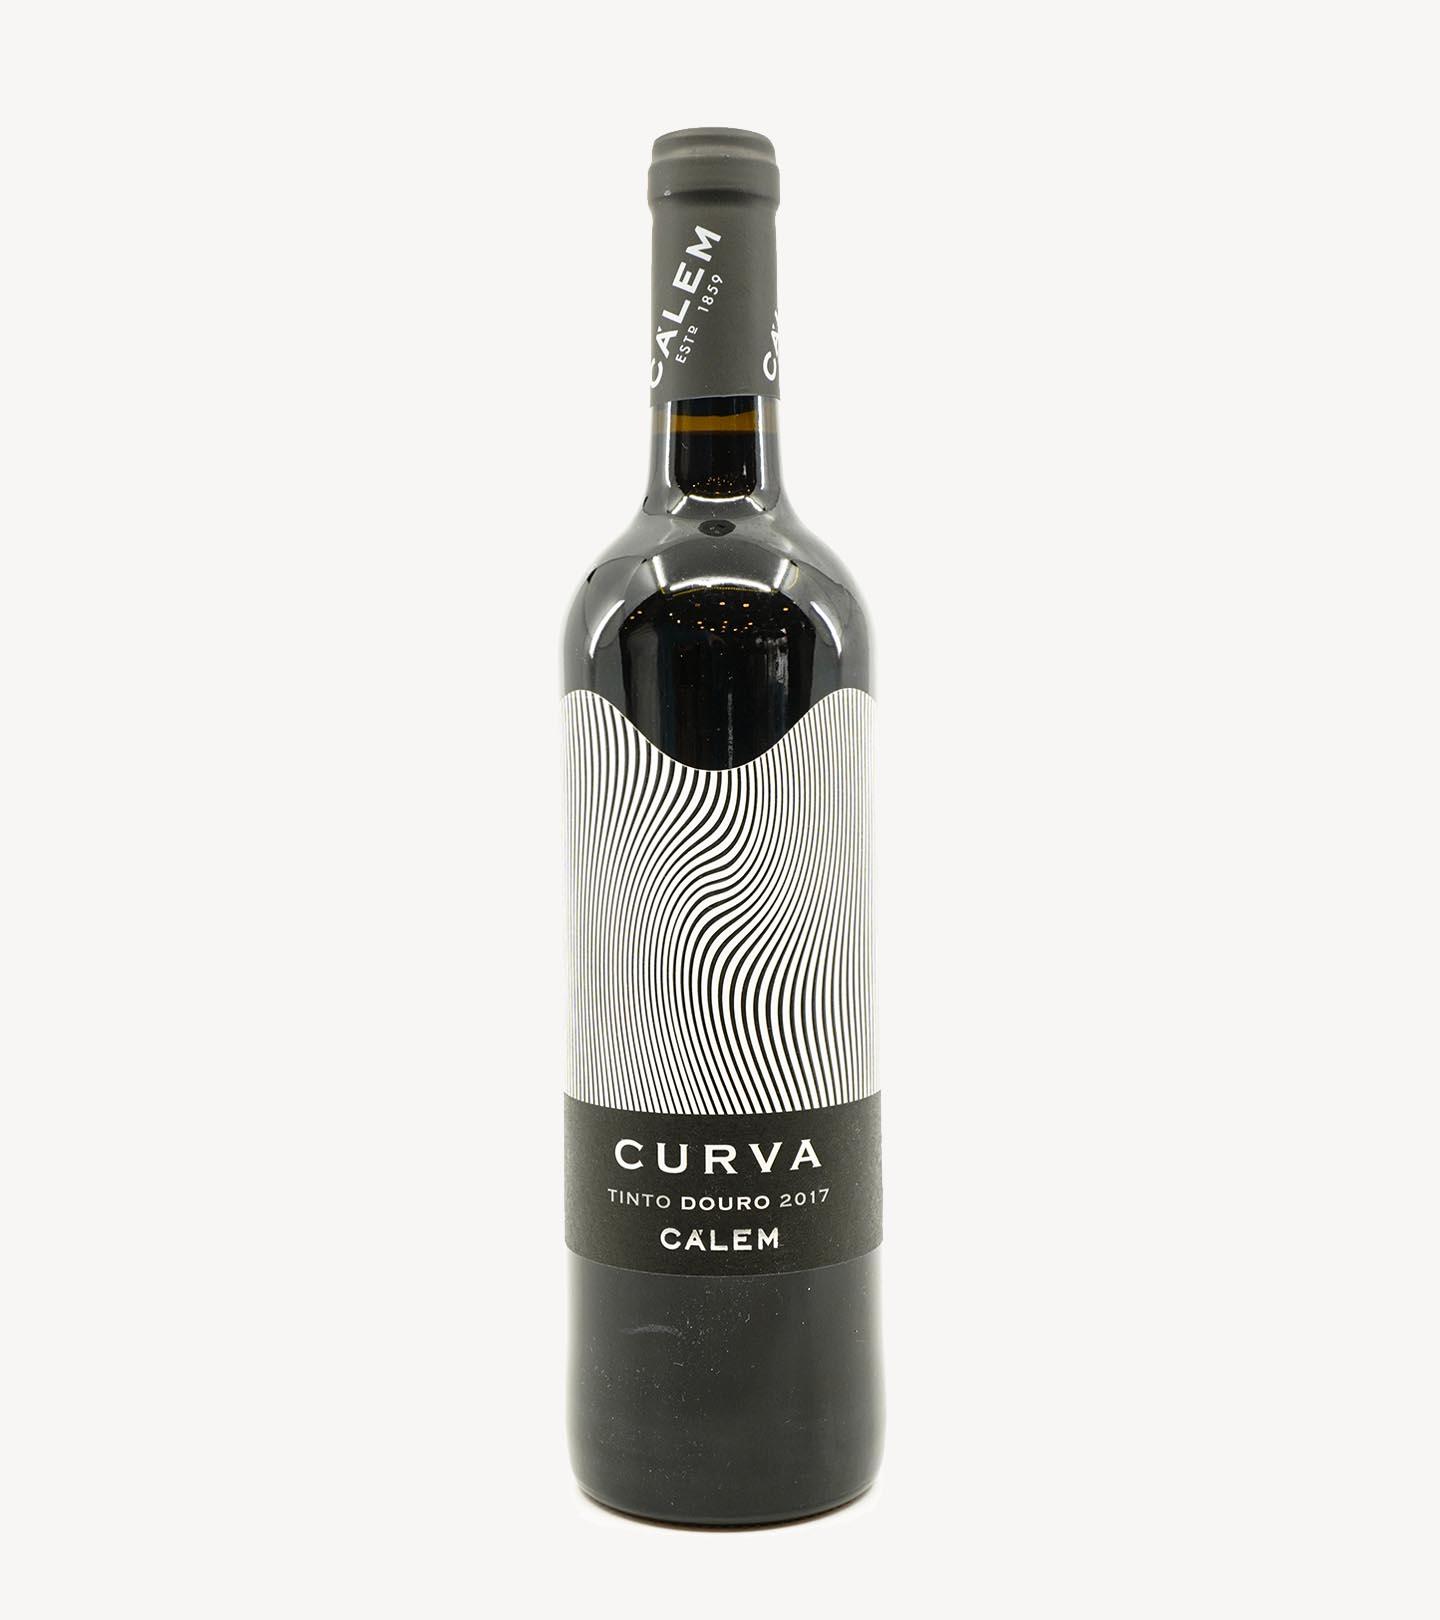 Vinho Tinto Douro Curva 75cl